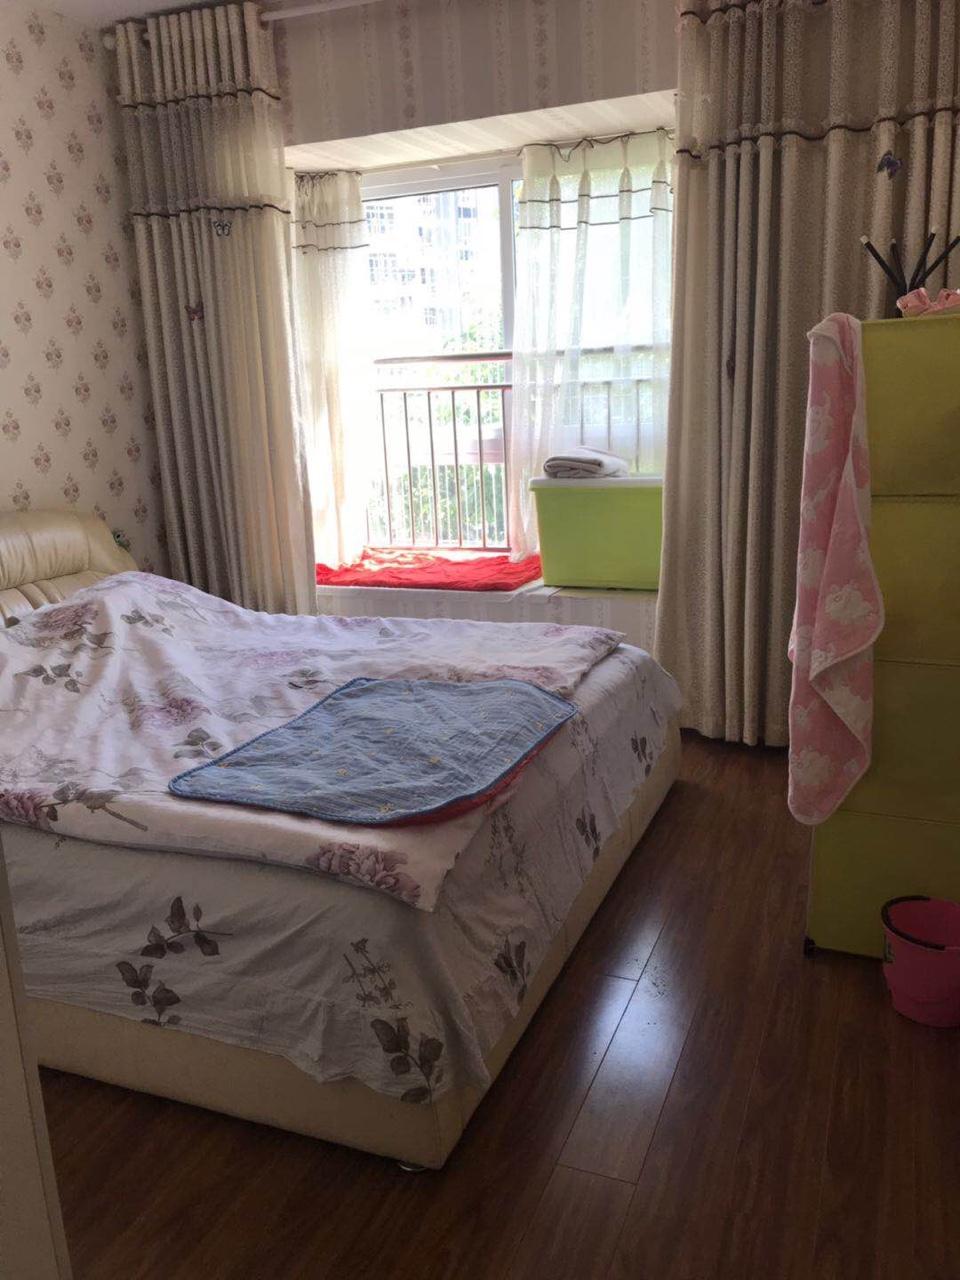 阳光花园3室2厅1卫59.8万元降价啦降价啦